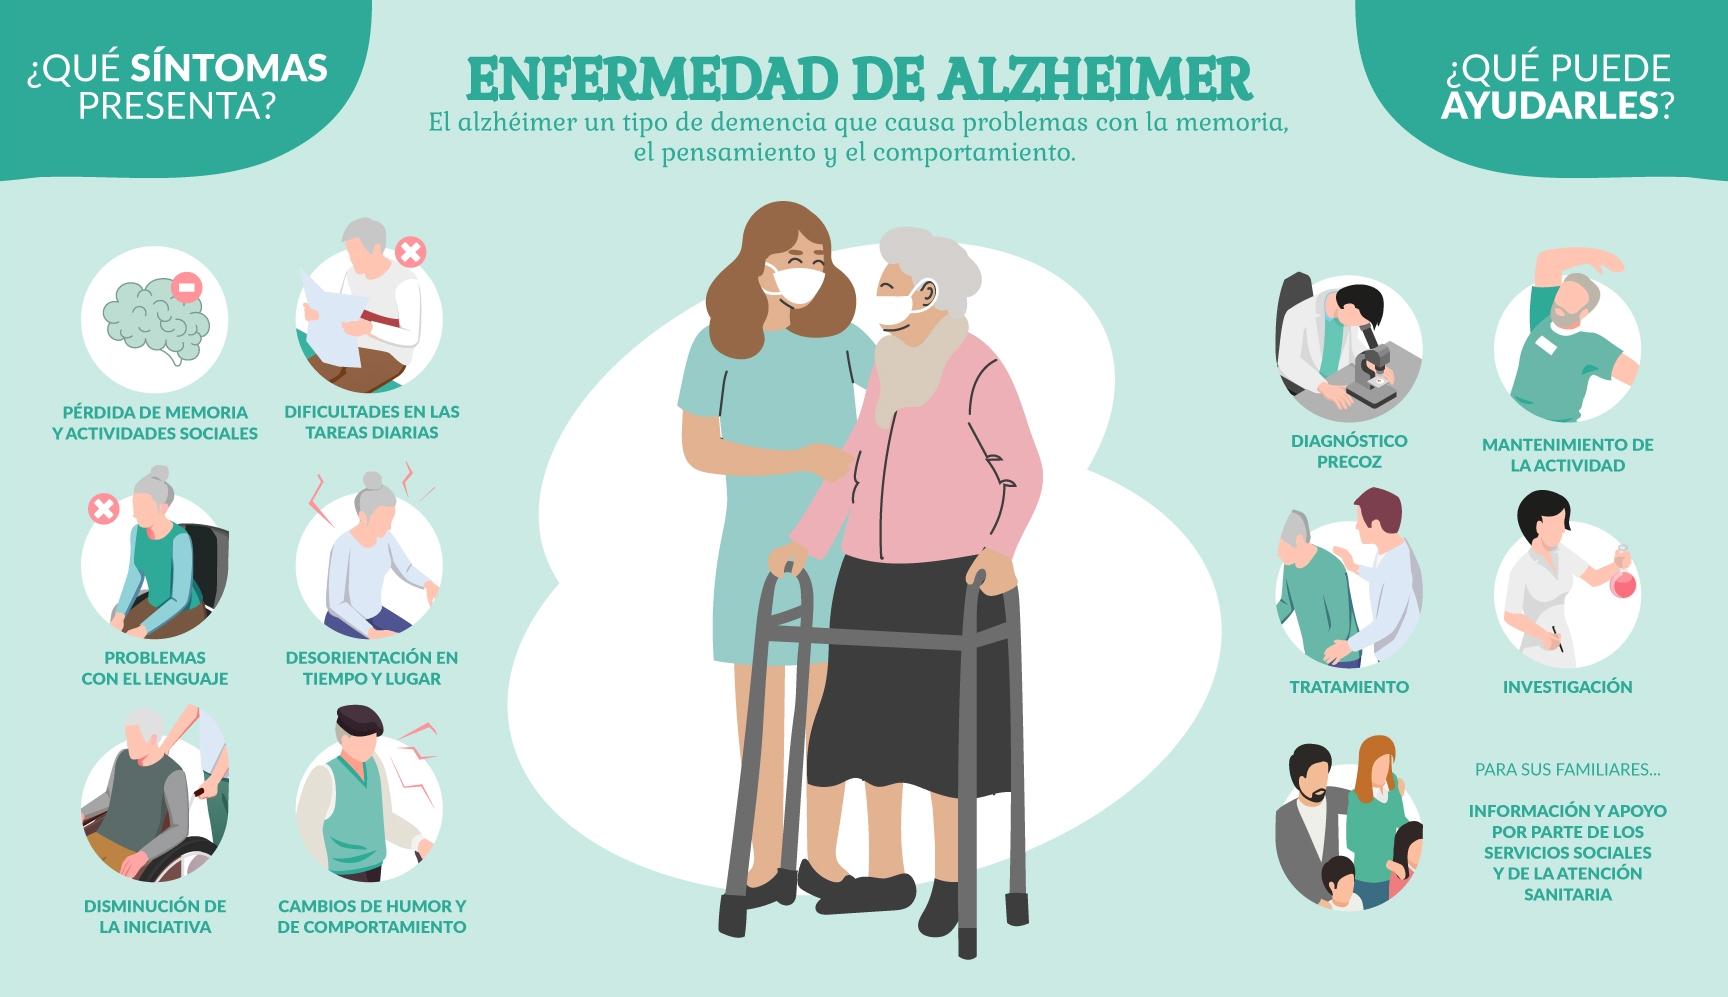 Infografía La enfermedad de Alzheimer